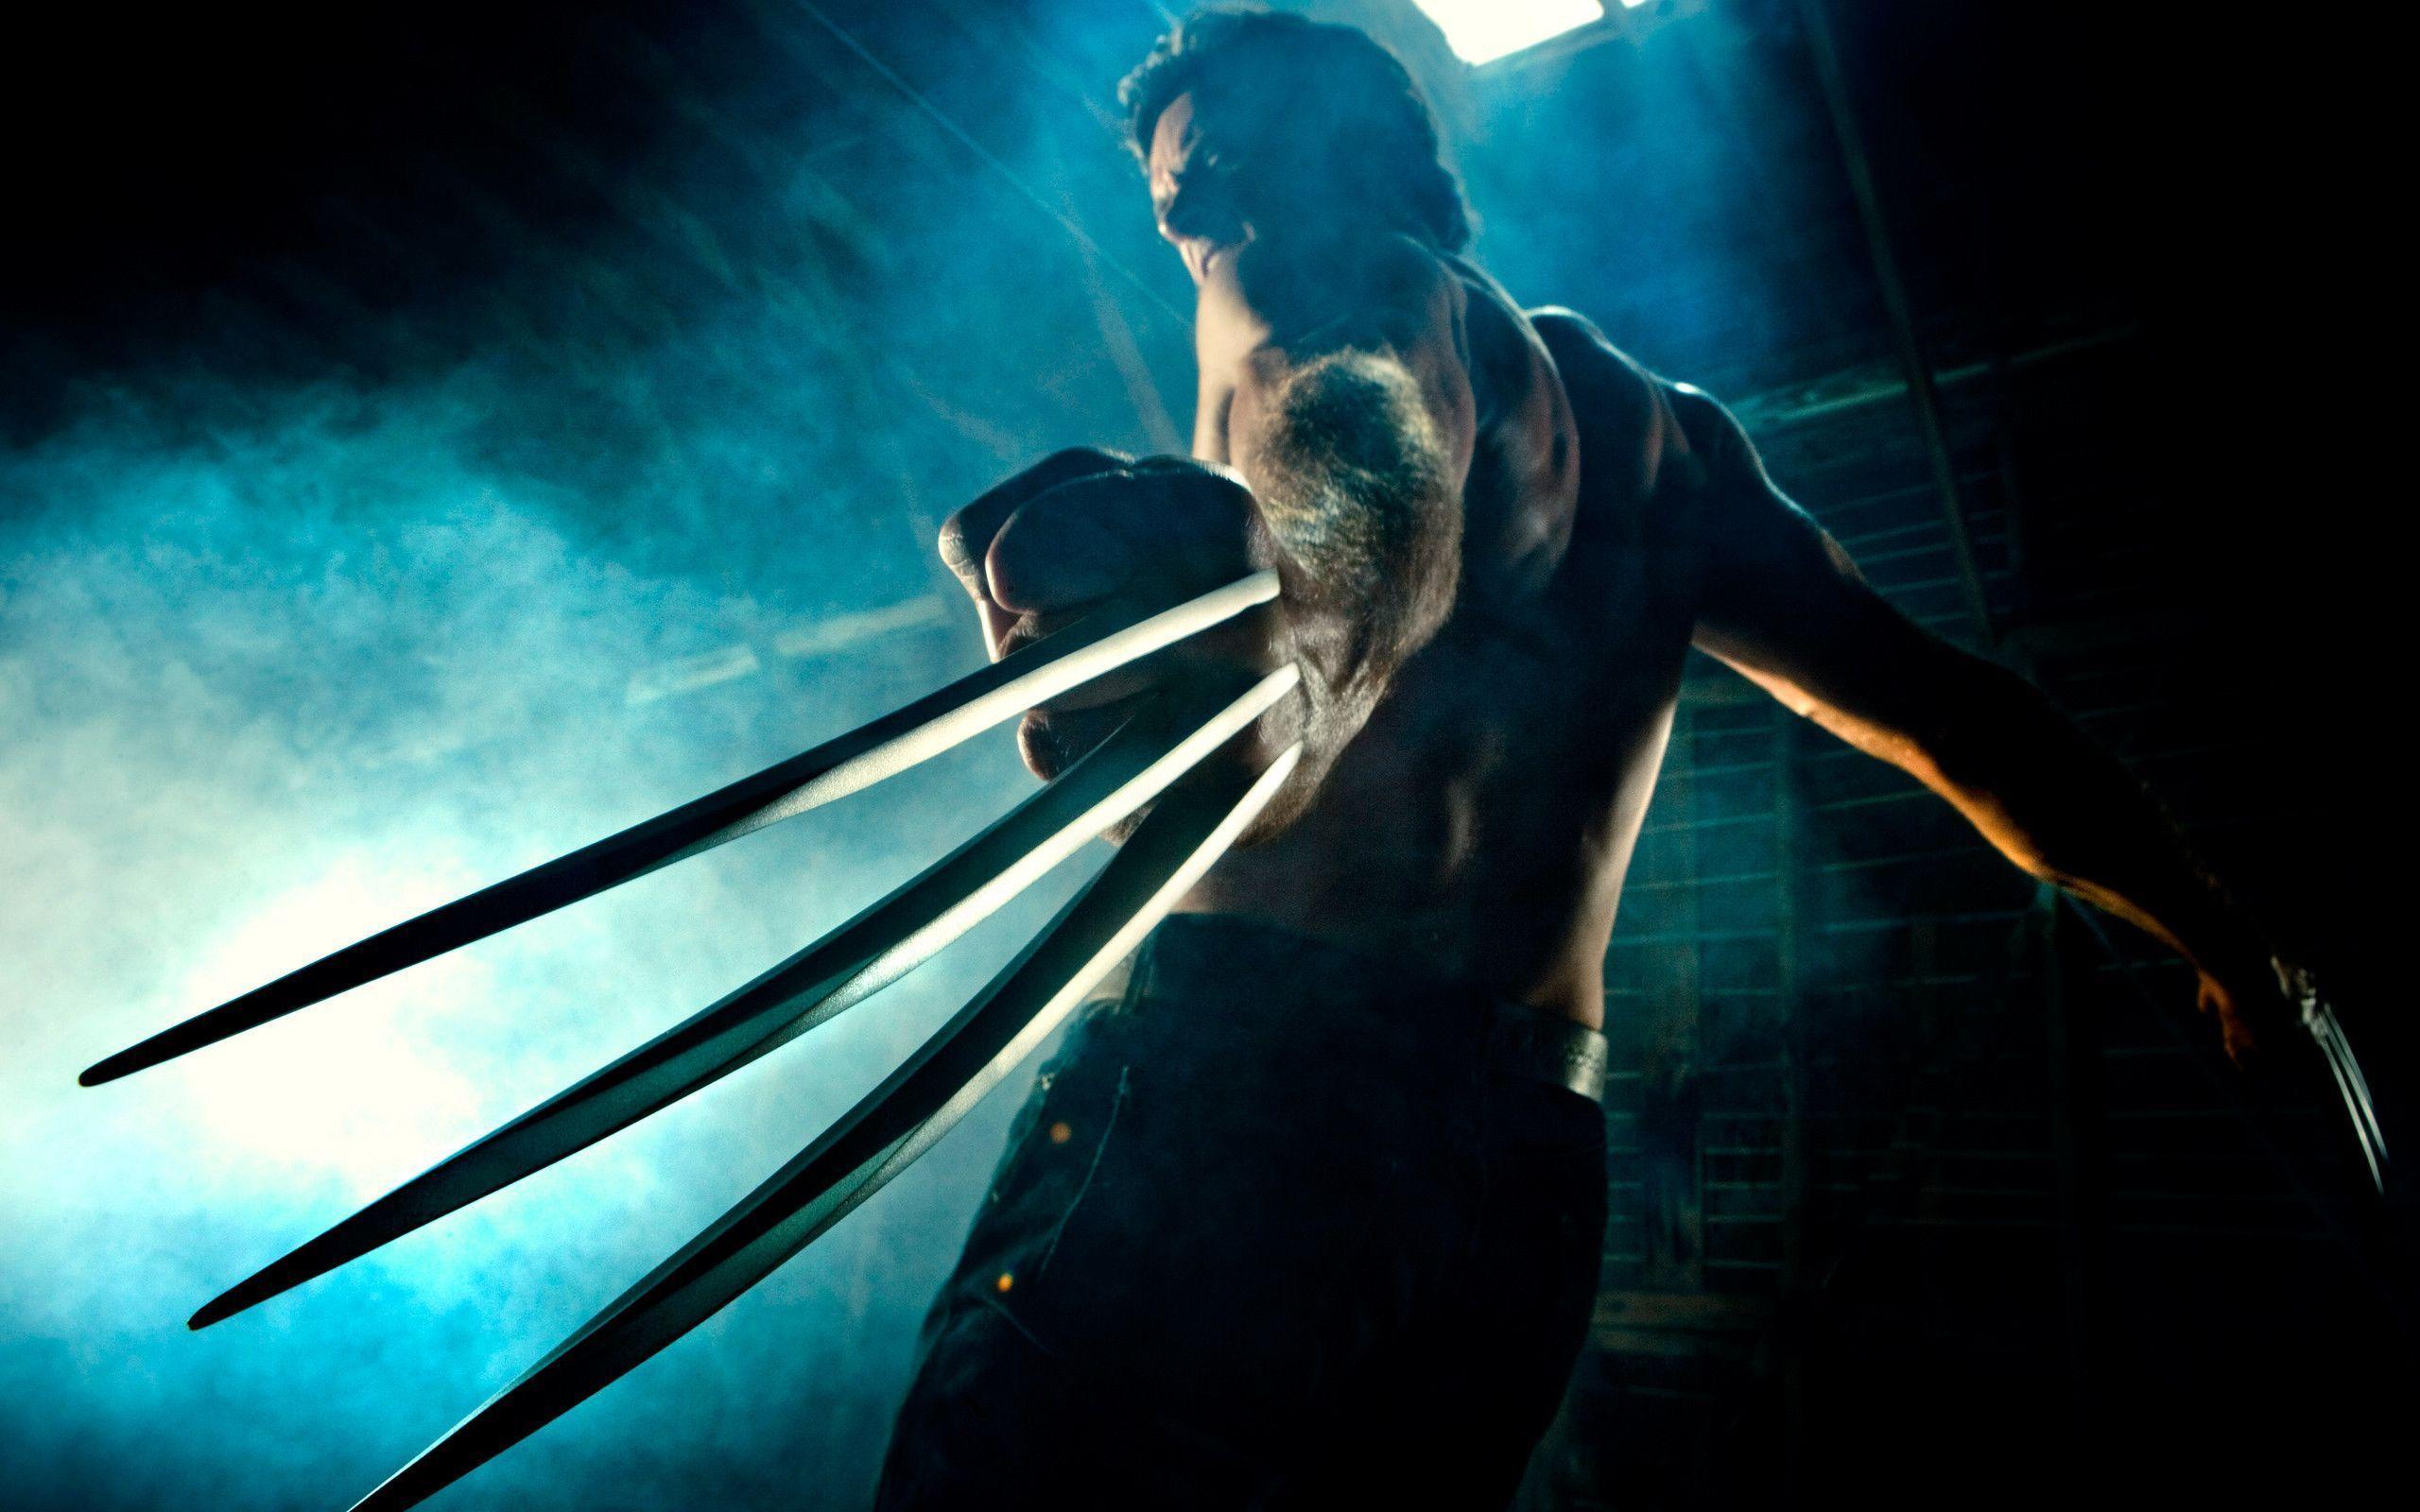 Wolverine X Men WallPaper HD - IMASHON.